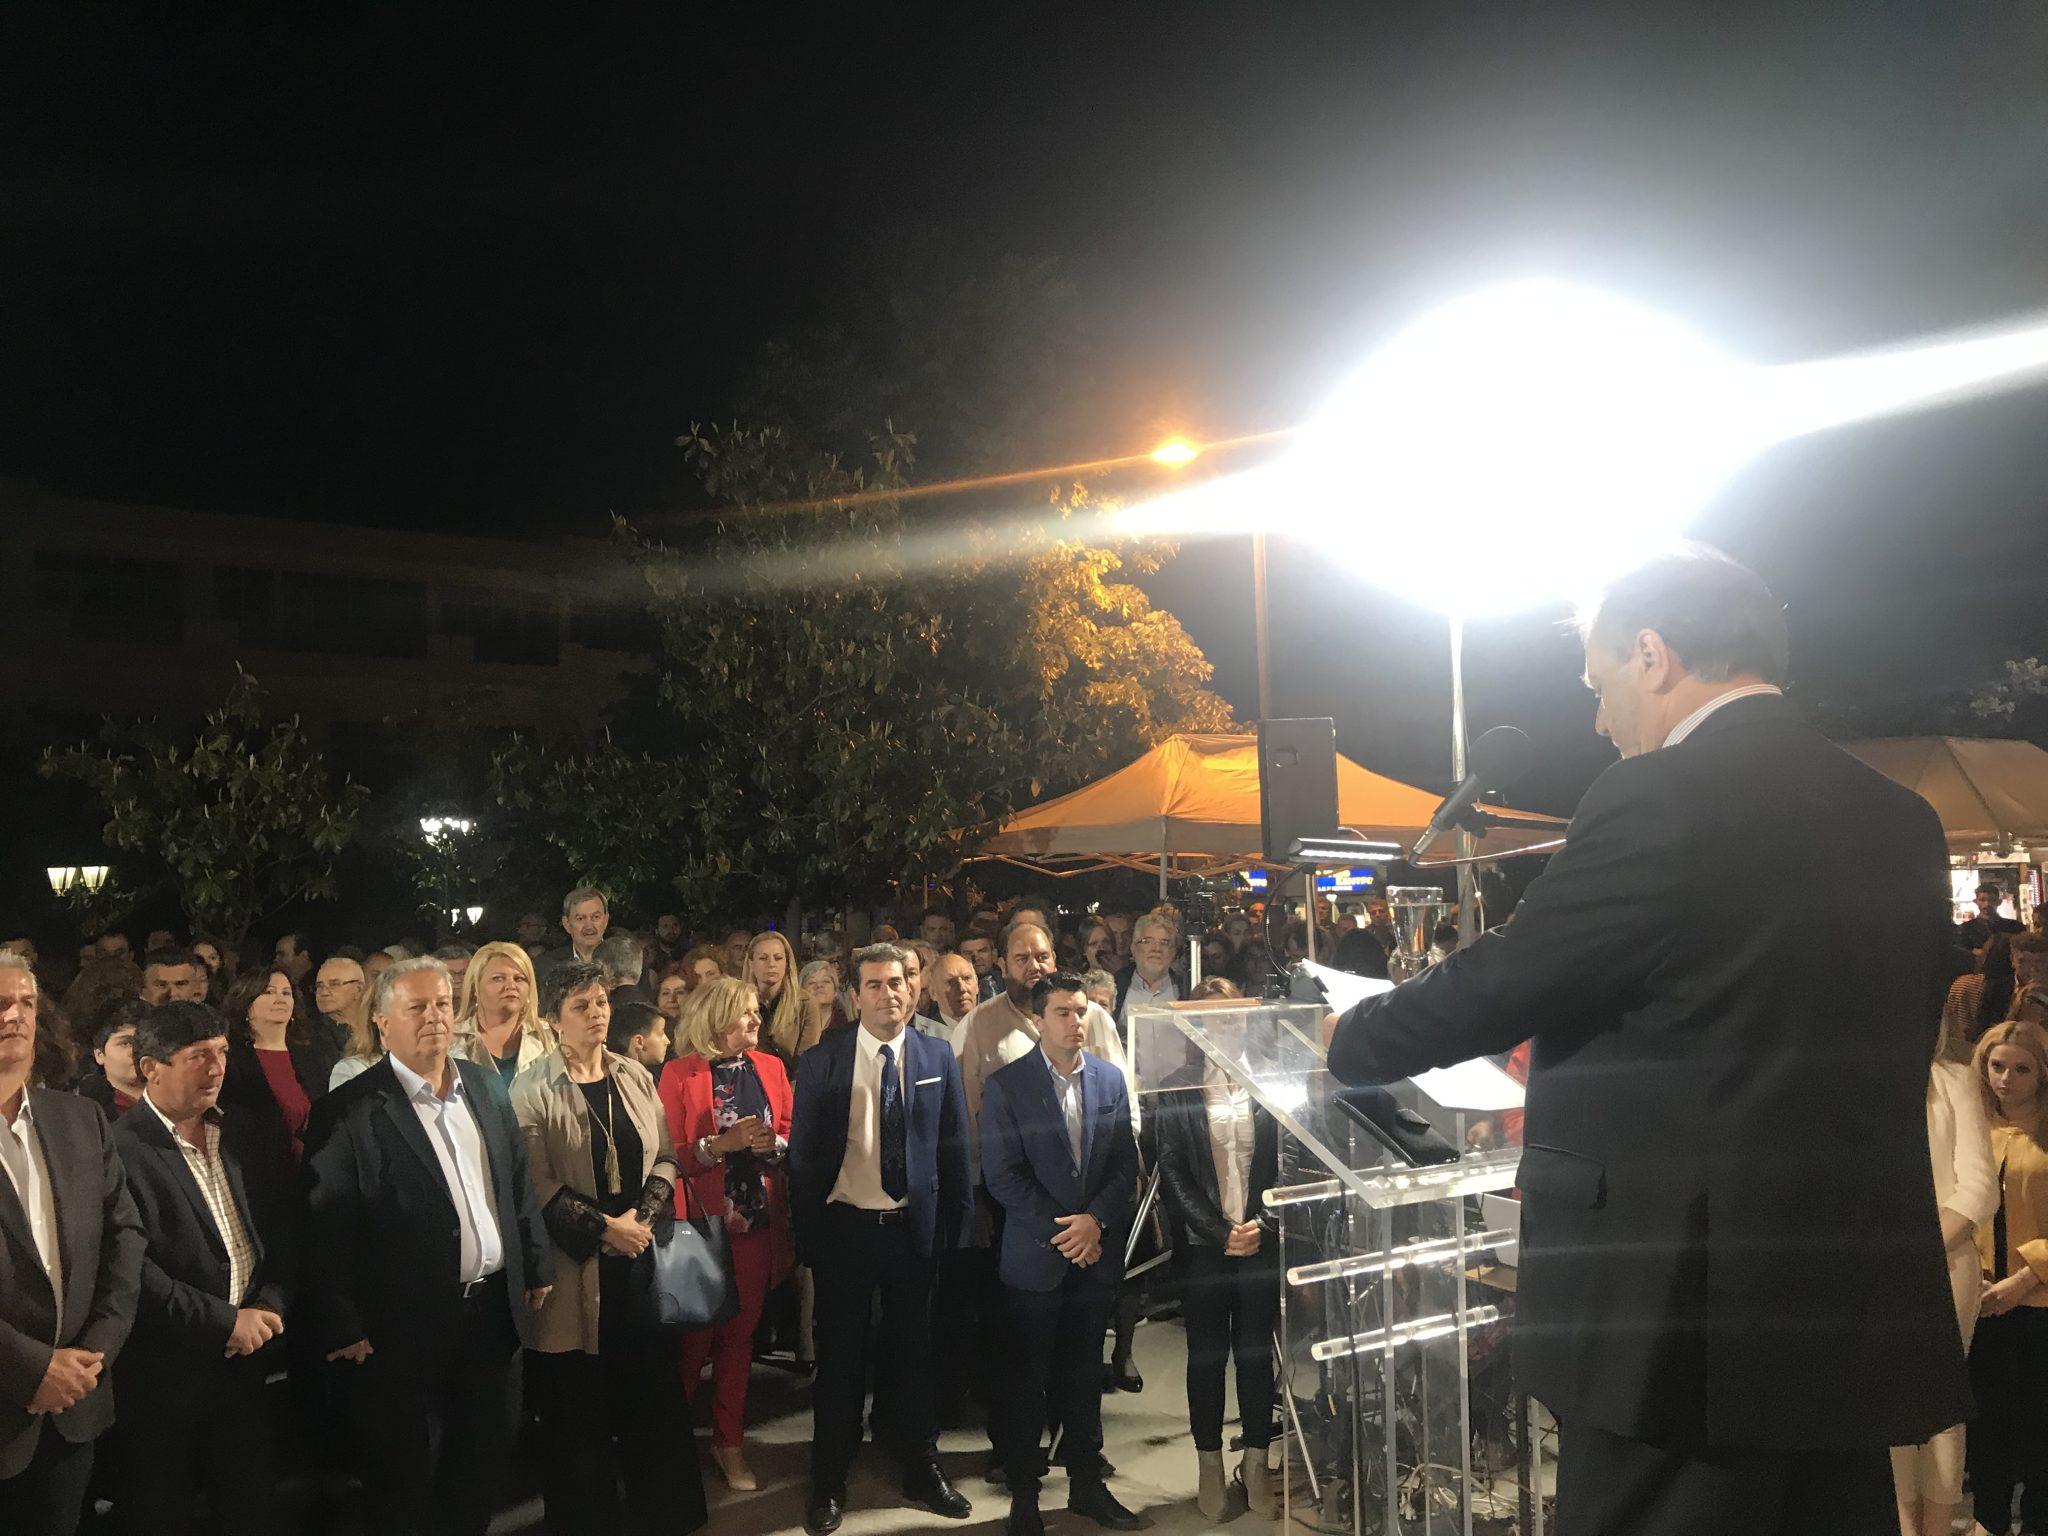 Εγκαίνια εκλογικού κέντρου – Παρουσίαση των υποψηφίων του συνδυασμού